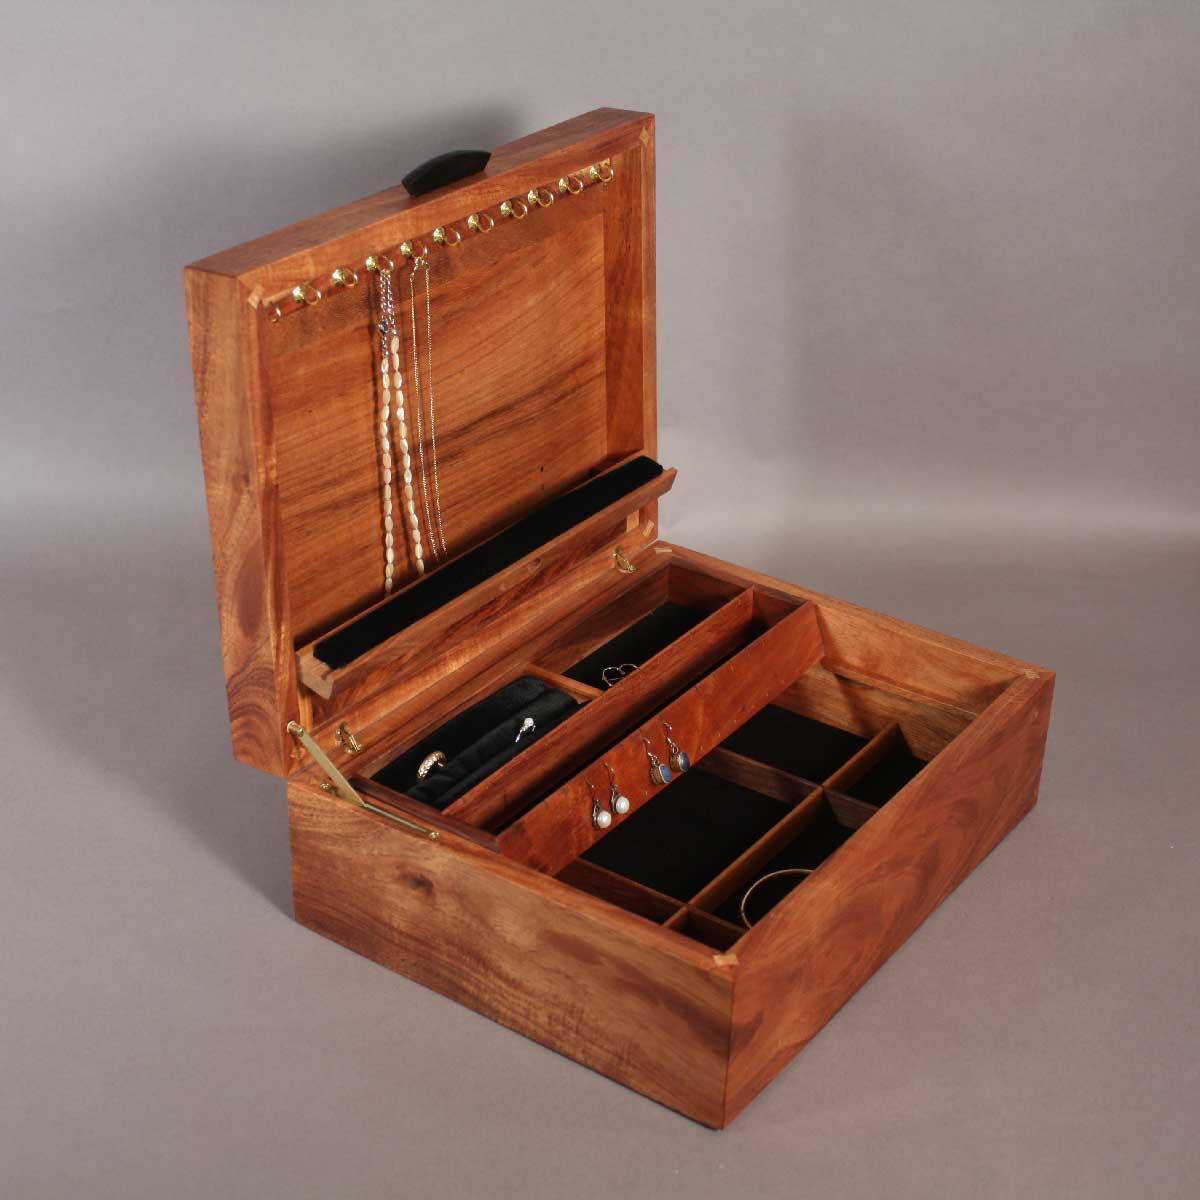 koamangojewelryboxes